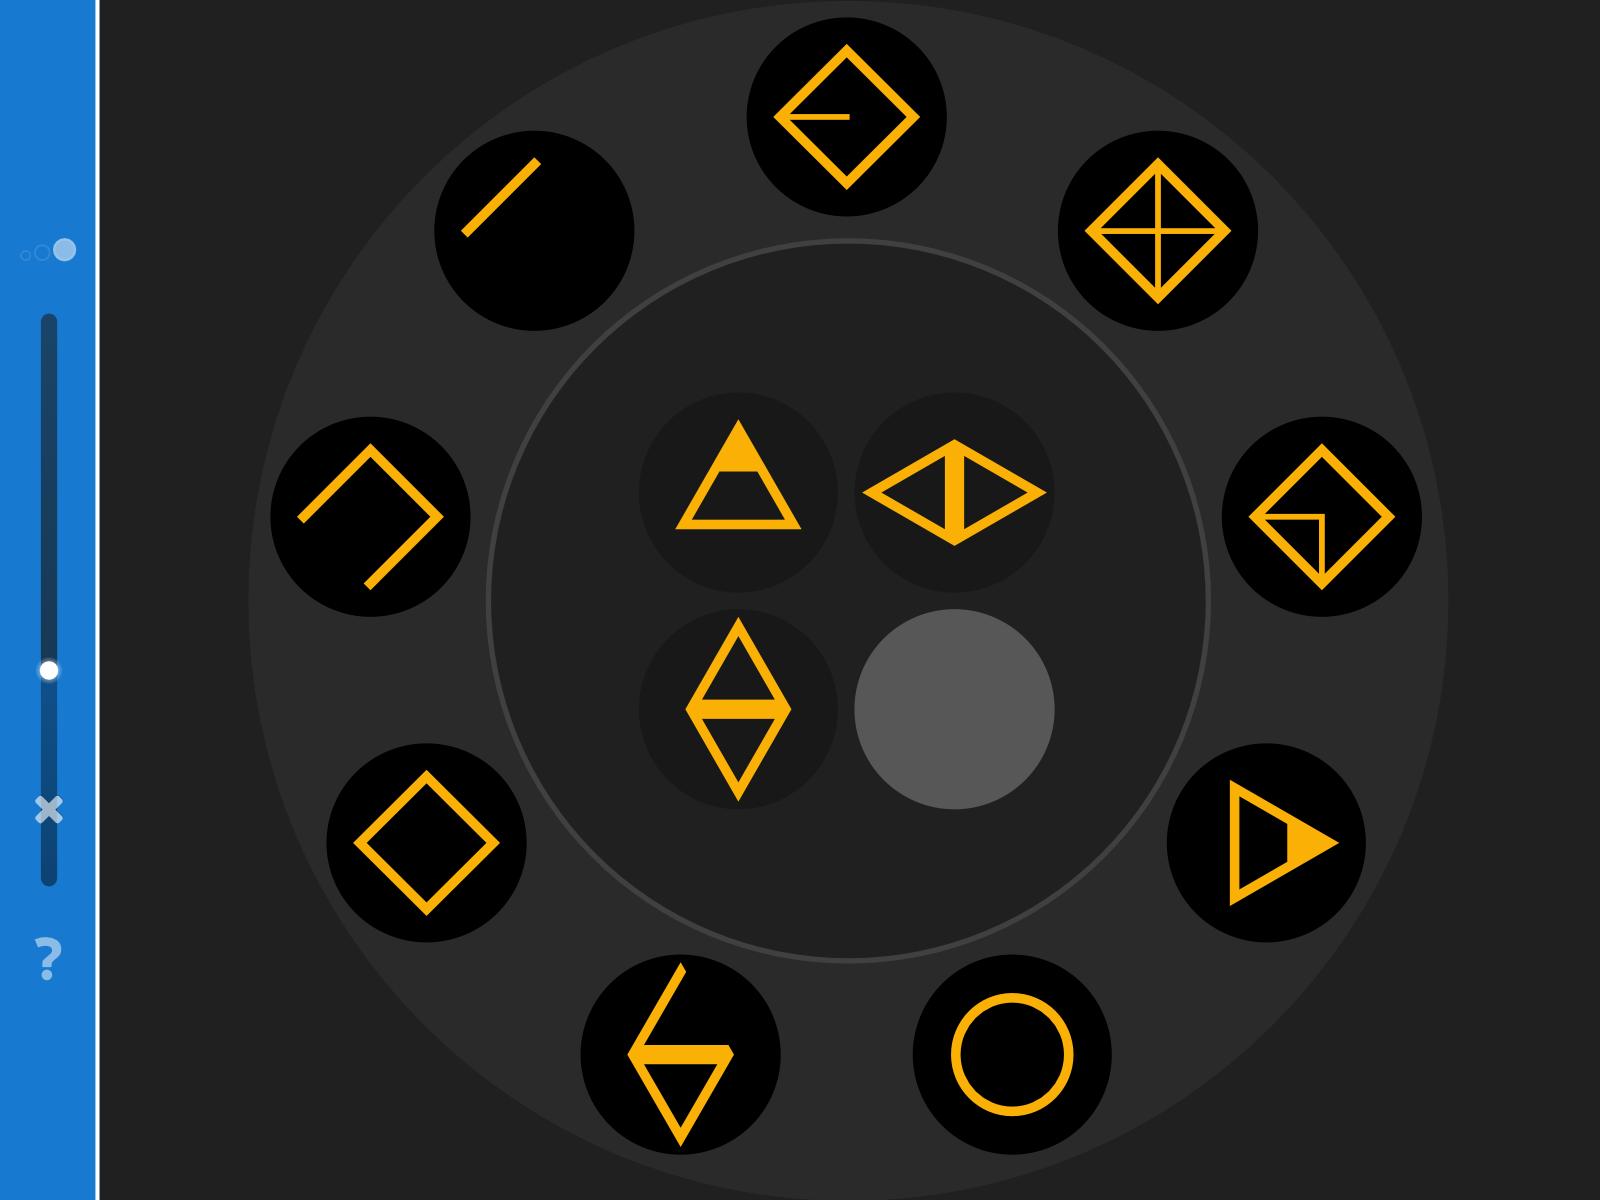 LOGO 6 – Die passende geometrische geomtrische Figur finden.